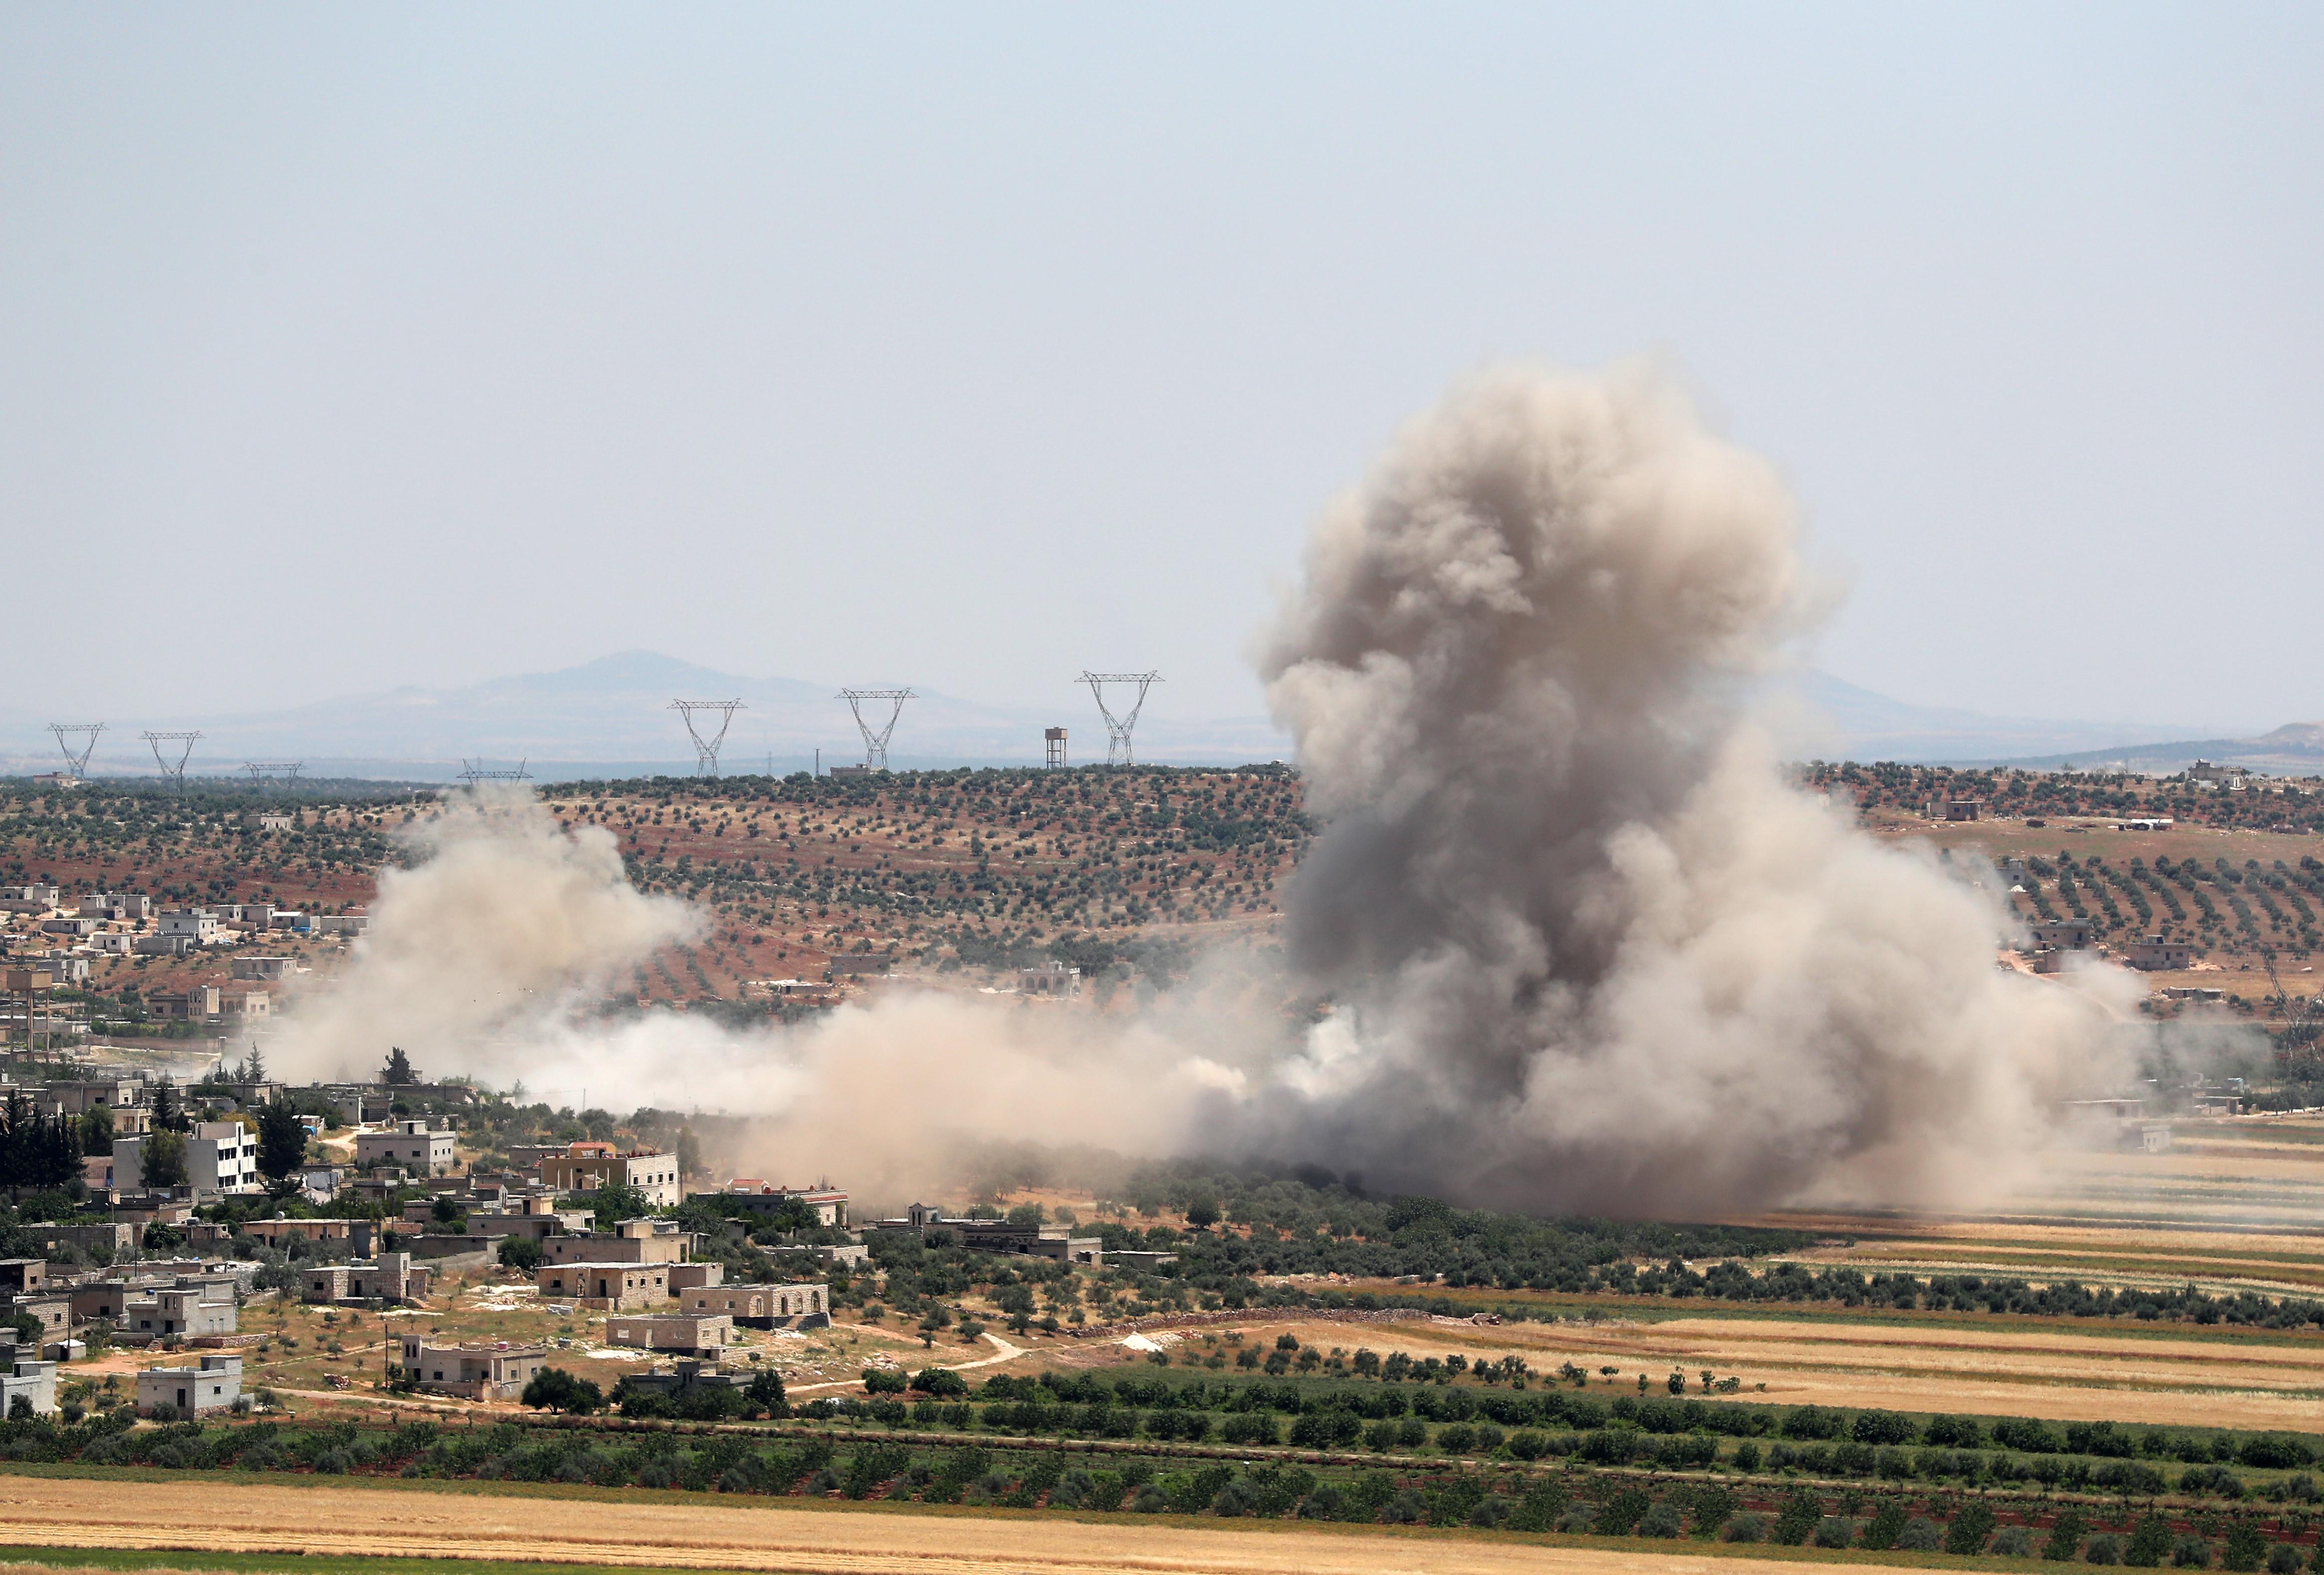 Aszad csapatai kórházakat támadtak Idlibben